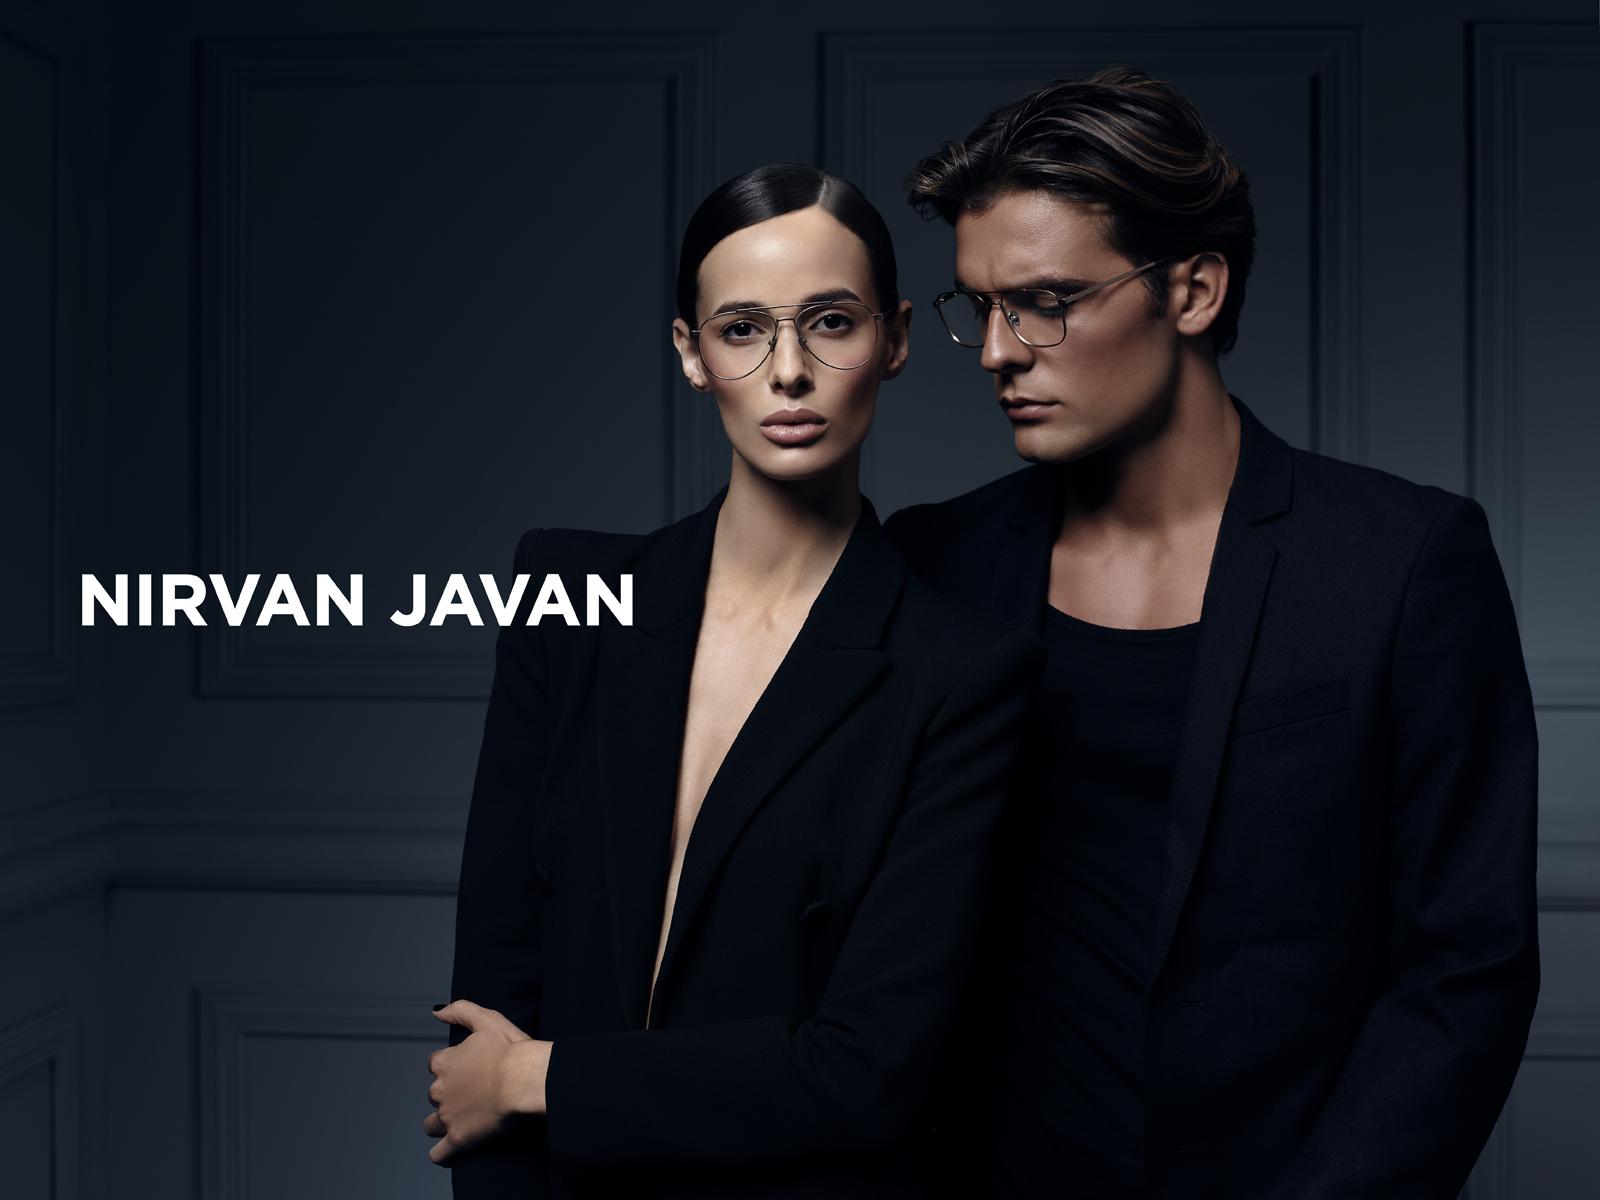 Nirvan Javan